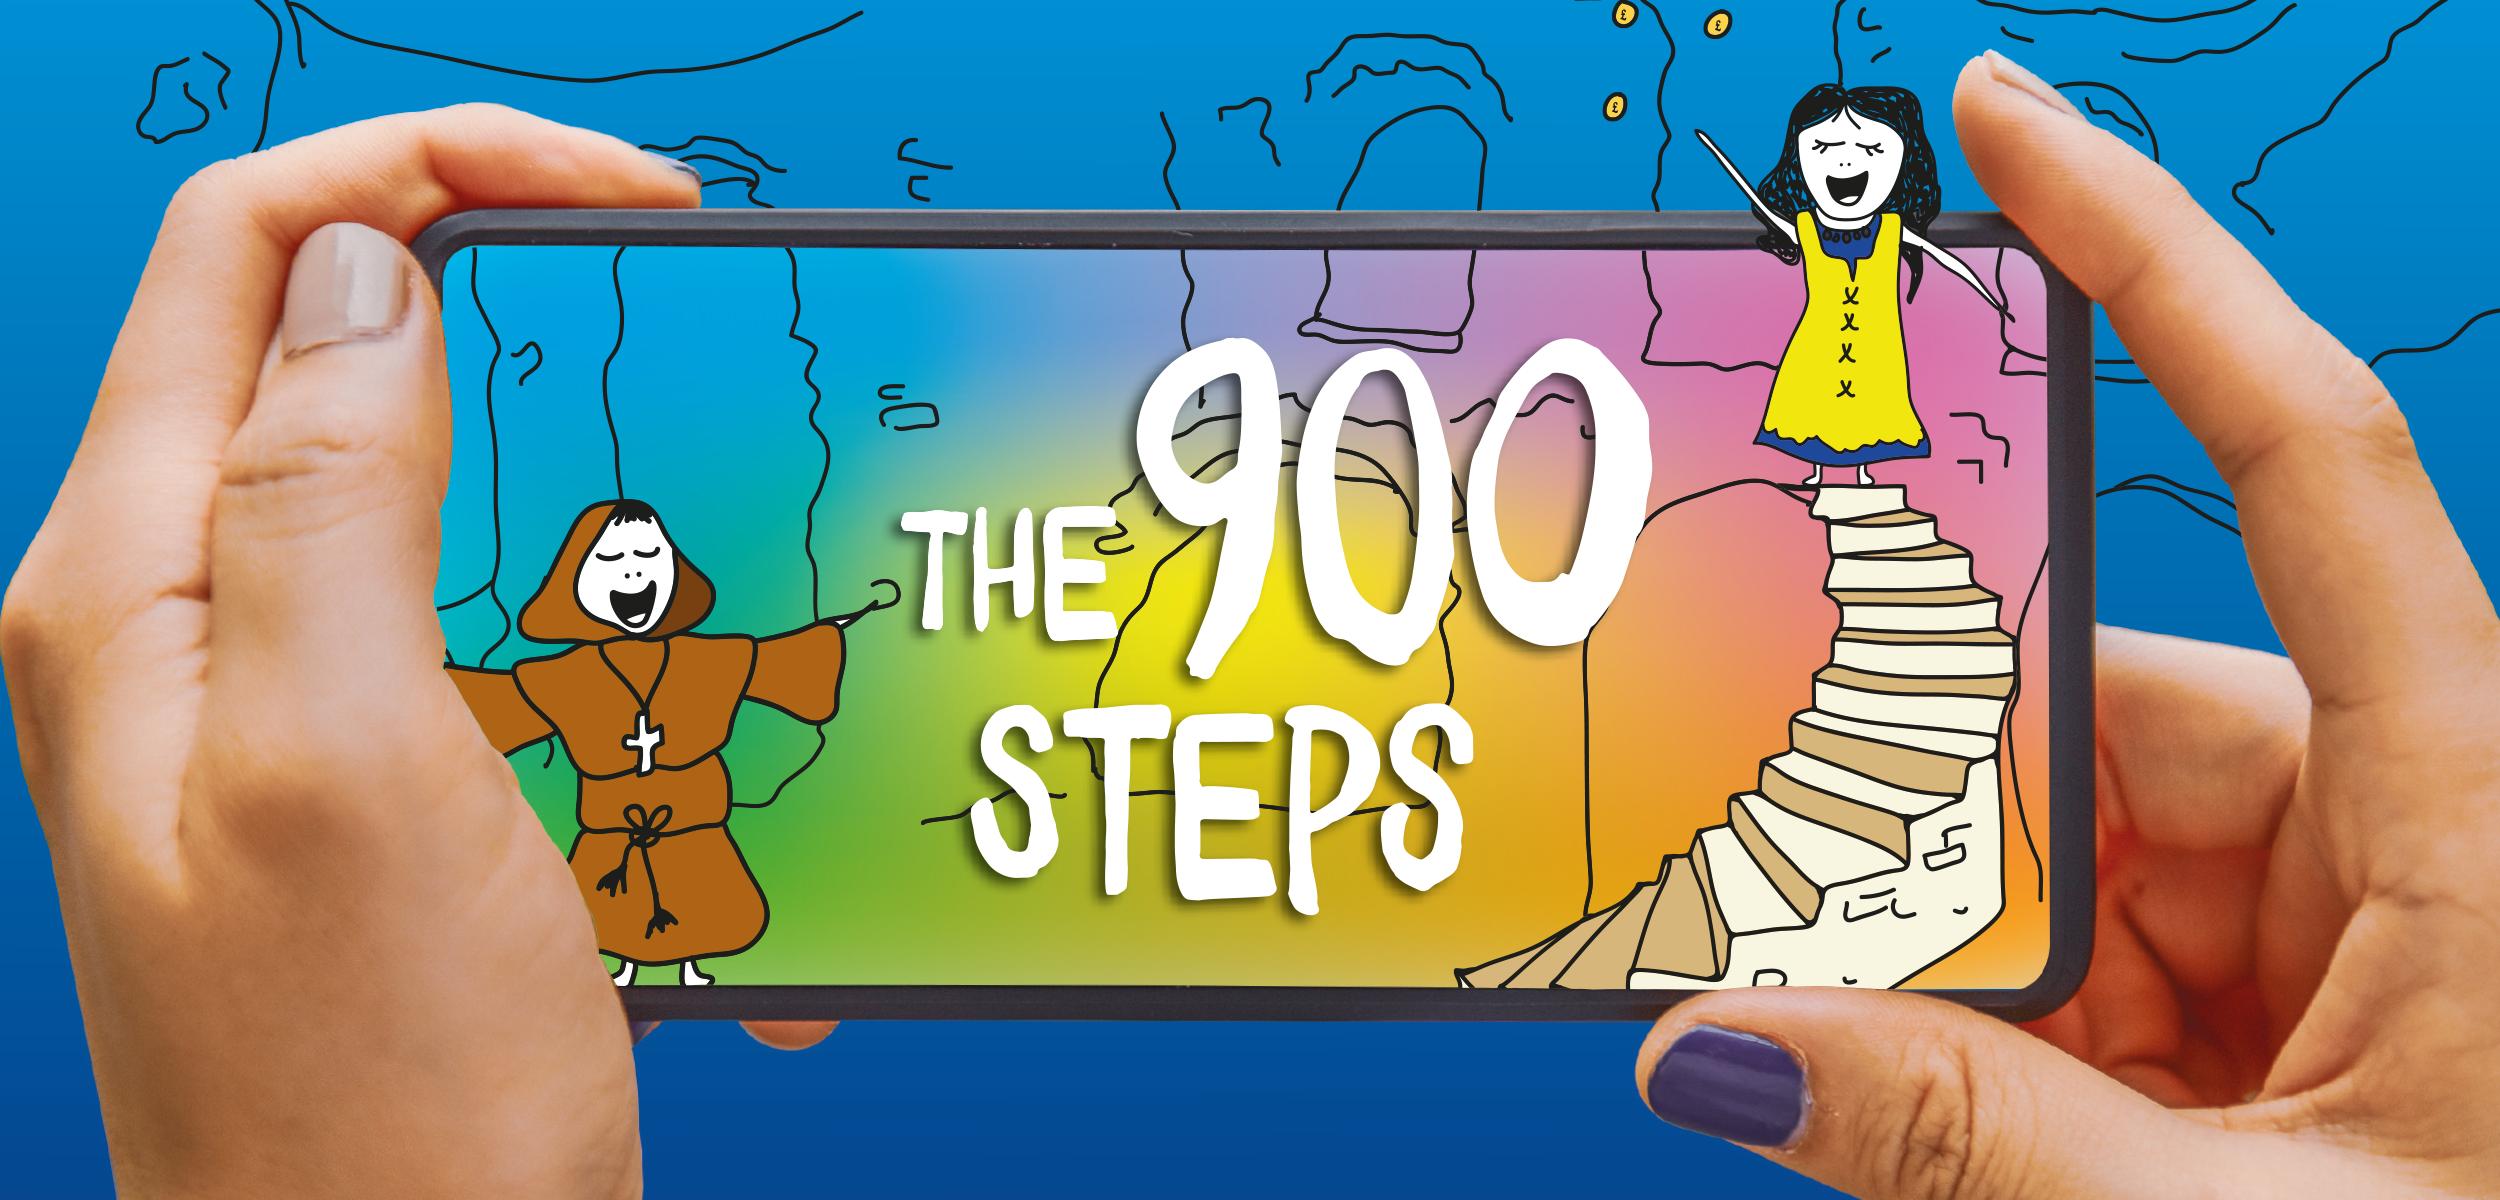 berzerk-abbey-900-steps